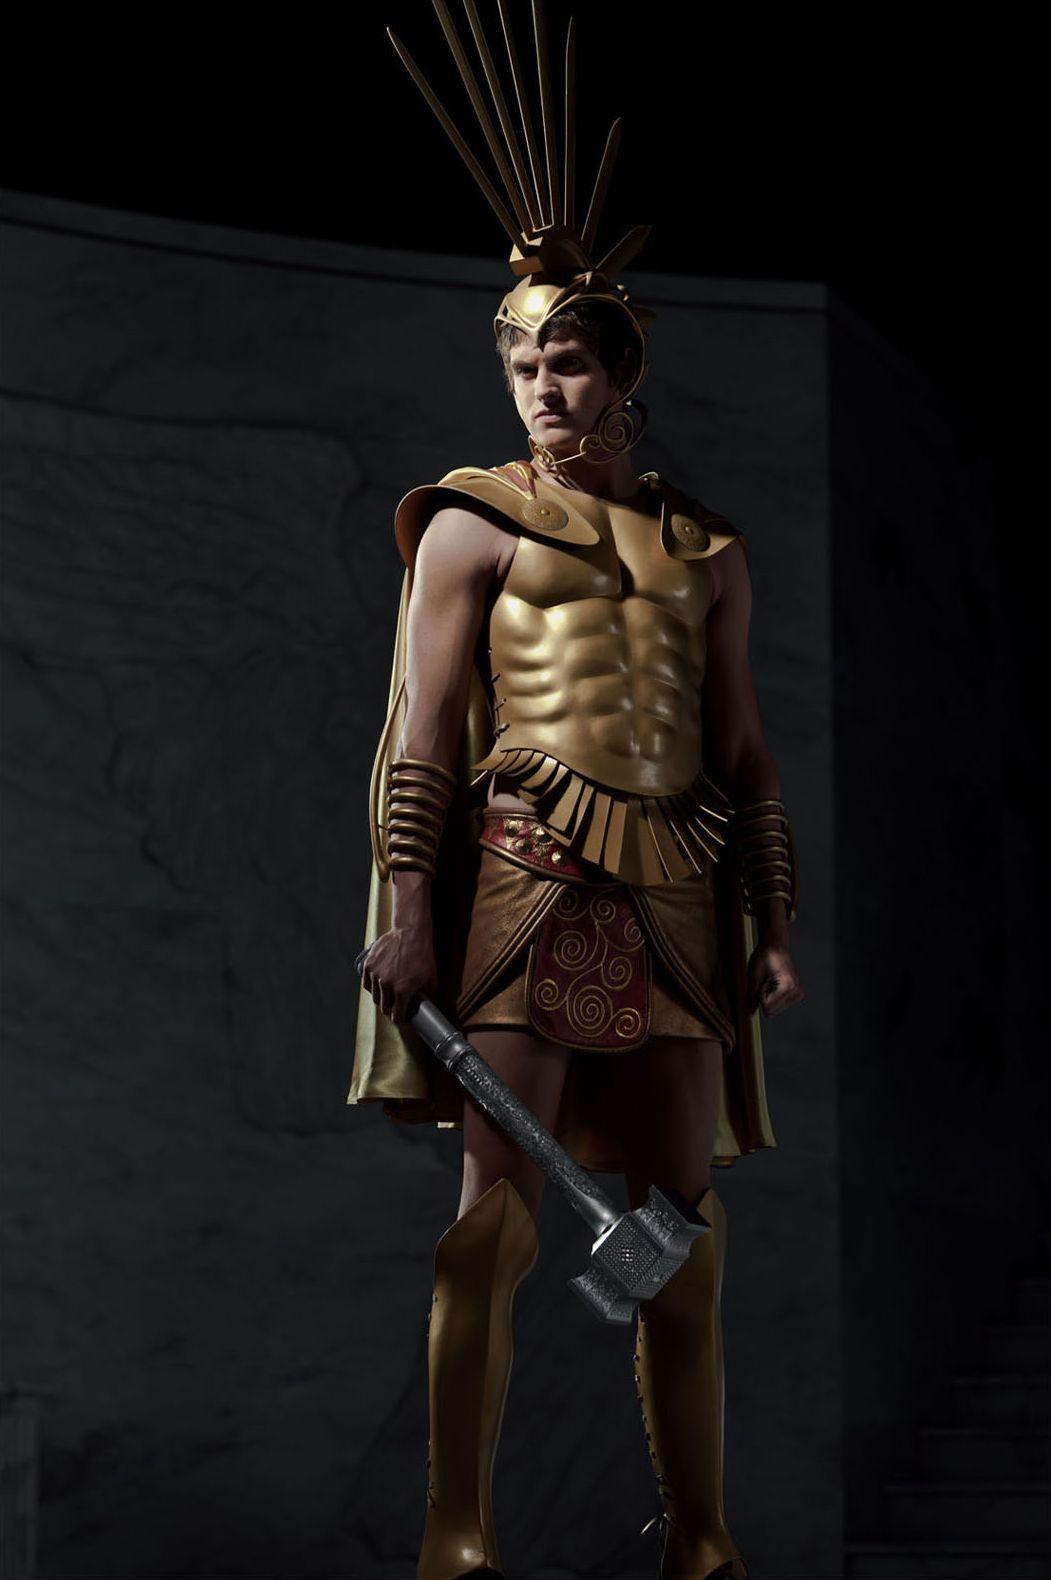 кадры из фильма Война богов: Бессмертные Дэниел Шэрман,